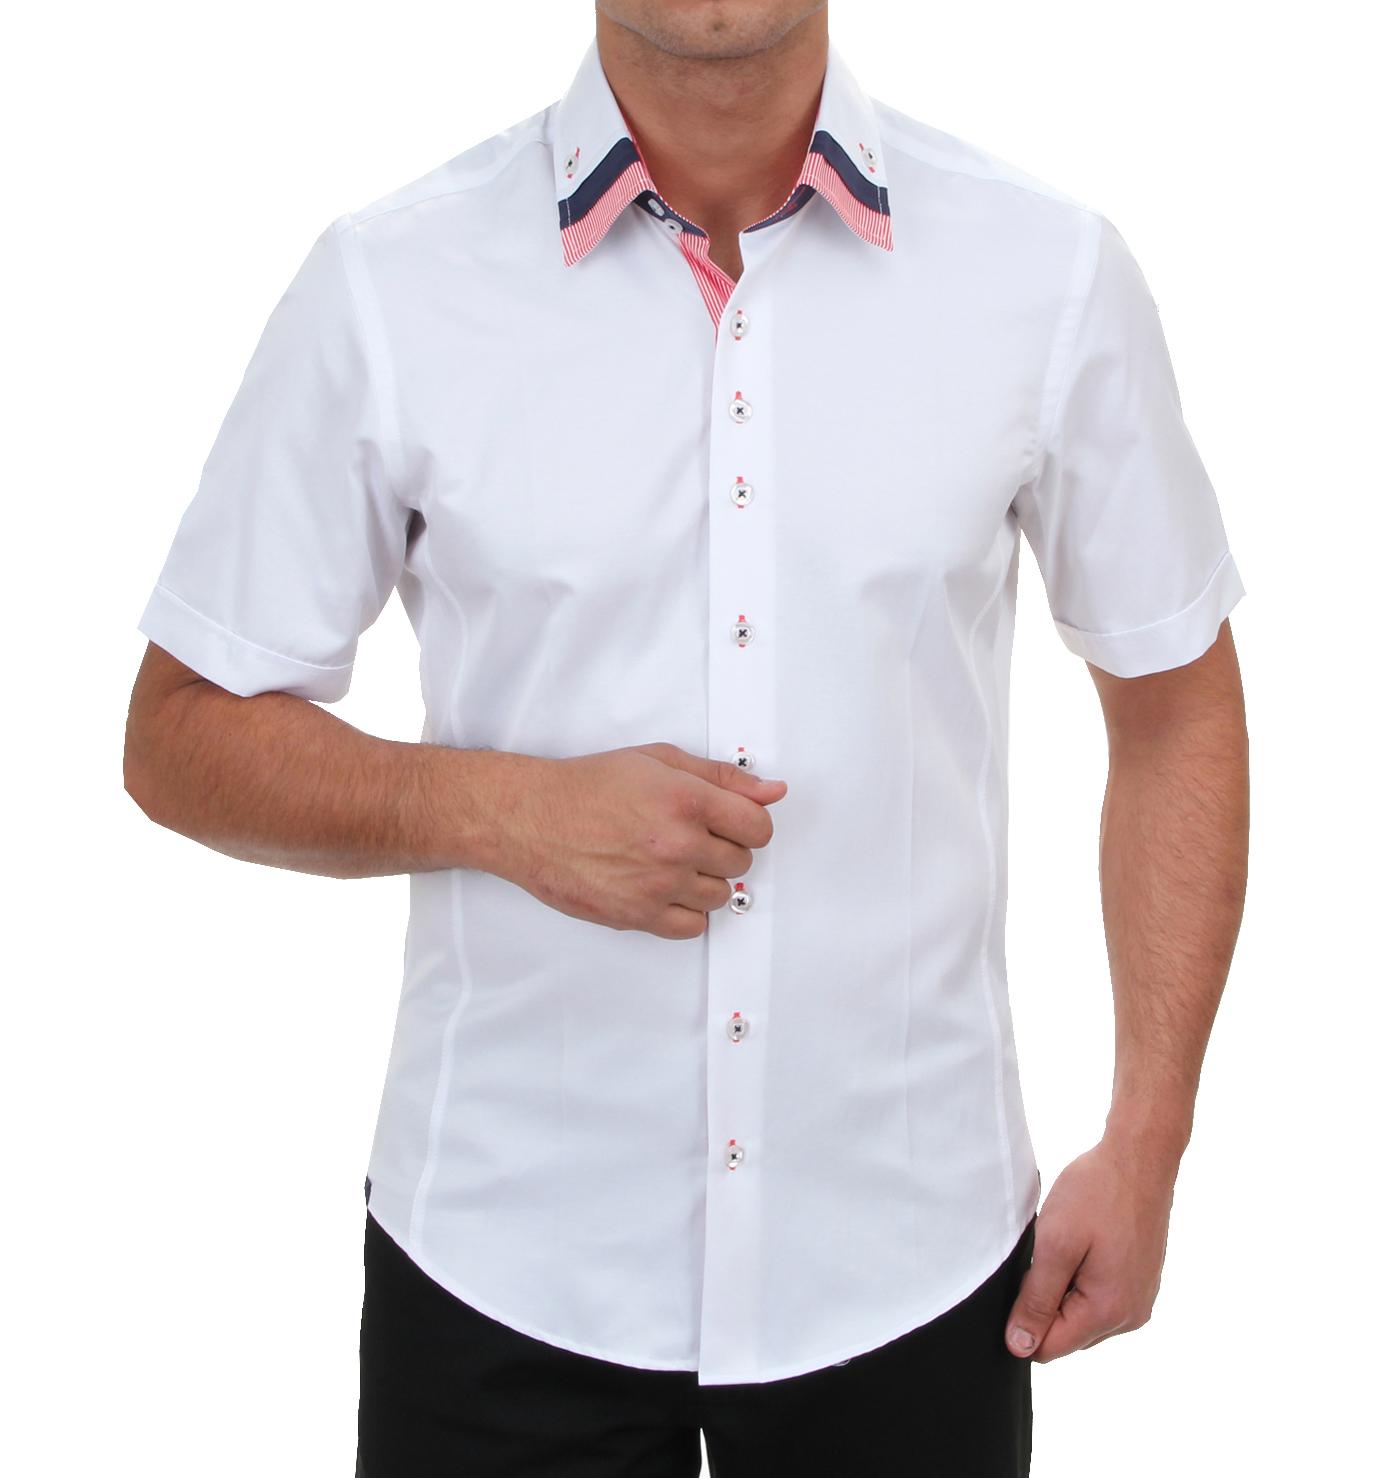 Hk Mandel Kreative Mode Fr Mnner Mens Designer Shirt Slim Fit